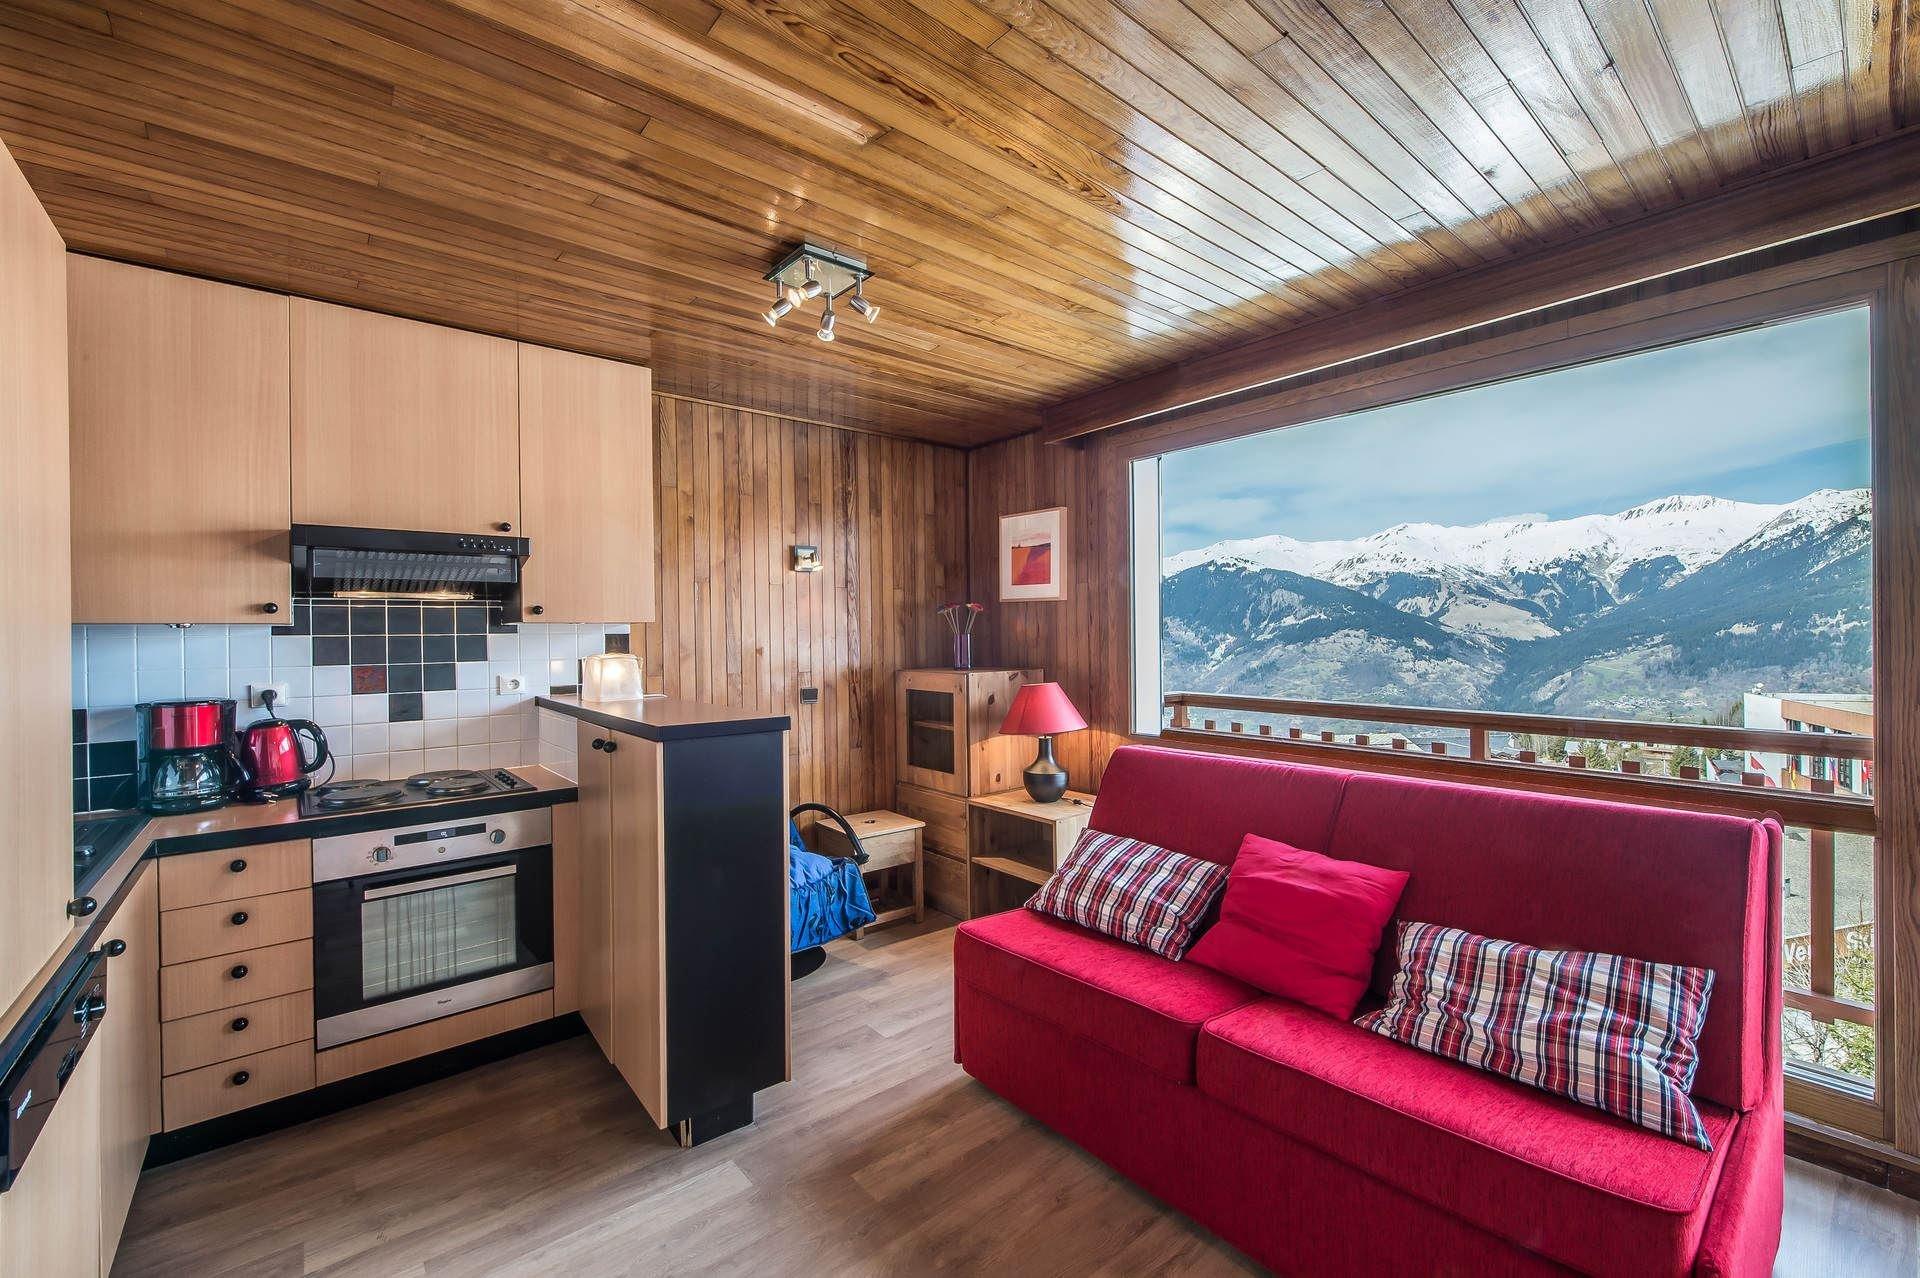 1 studio 4 personnes skis aux pieds / RESIDENCE 1650 25 (Montagne de Charme)